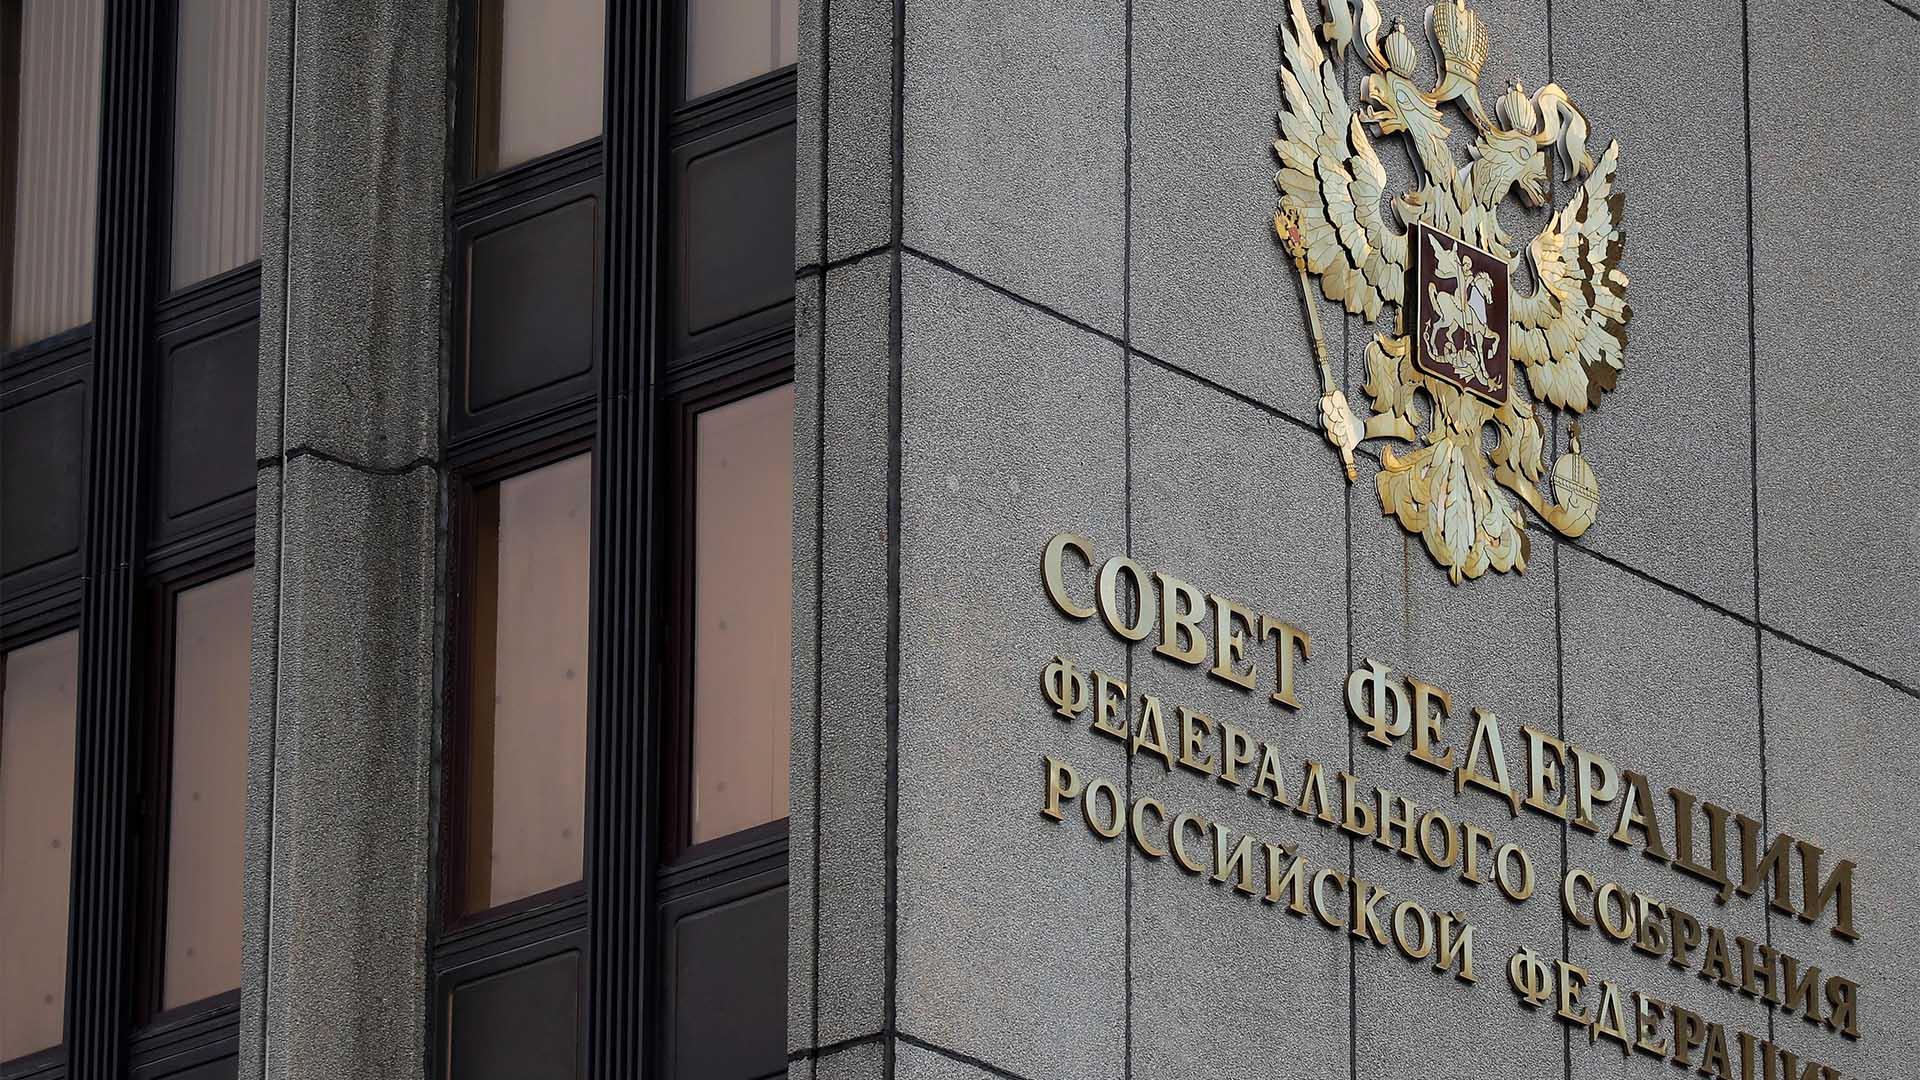 Совет Федерации предложил изменить методику расчета стоимости ТО и забрать часть полномочий у Союза автостраховщиков